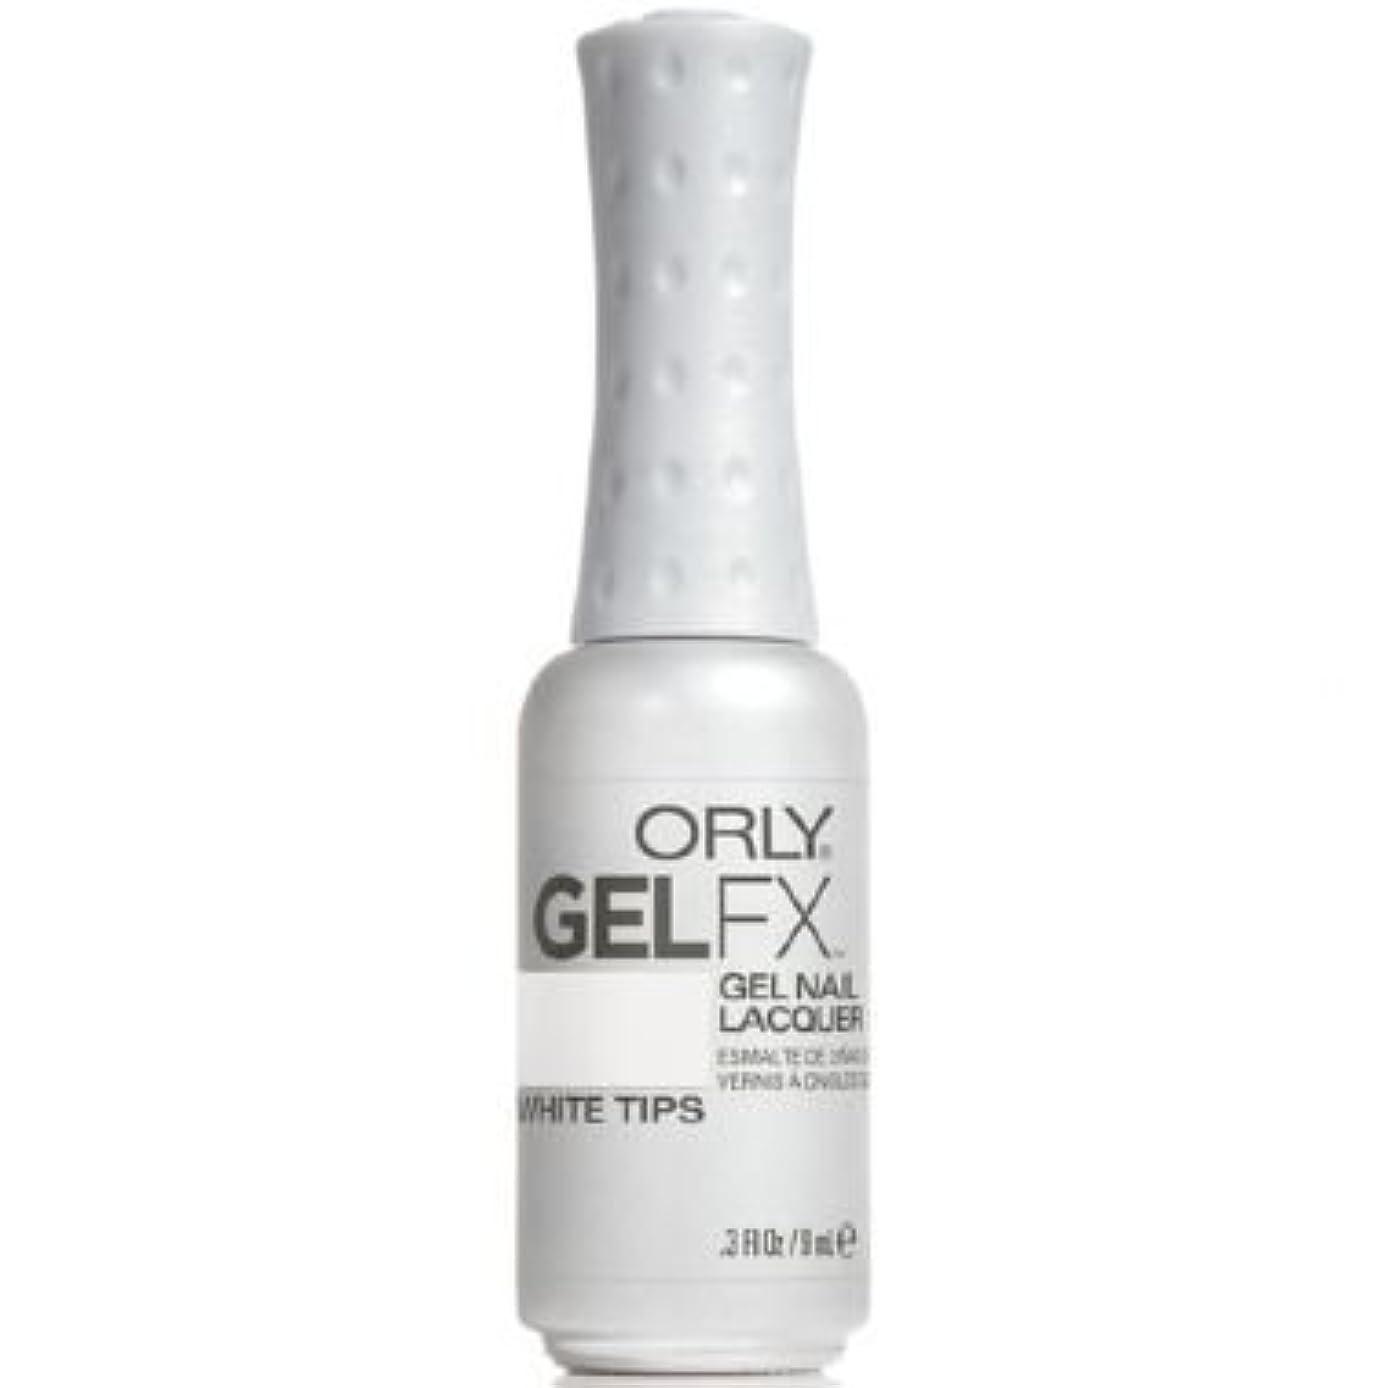 感動する太い固執Orly Gel FX Gel UV Vernis à Ongles/ Gel Polish - White Tips 9ml